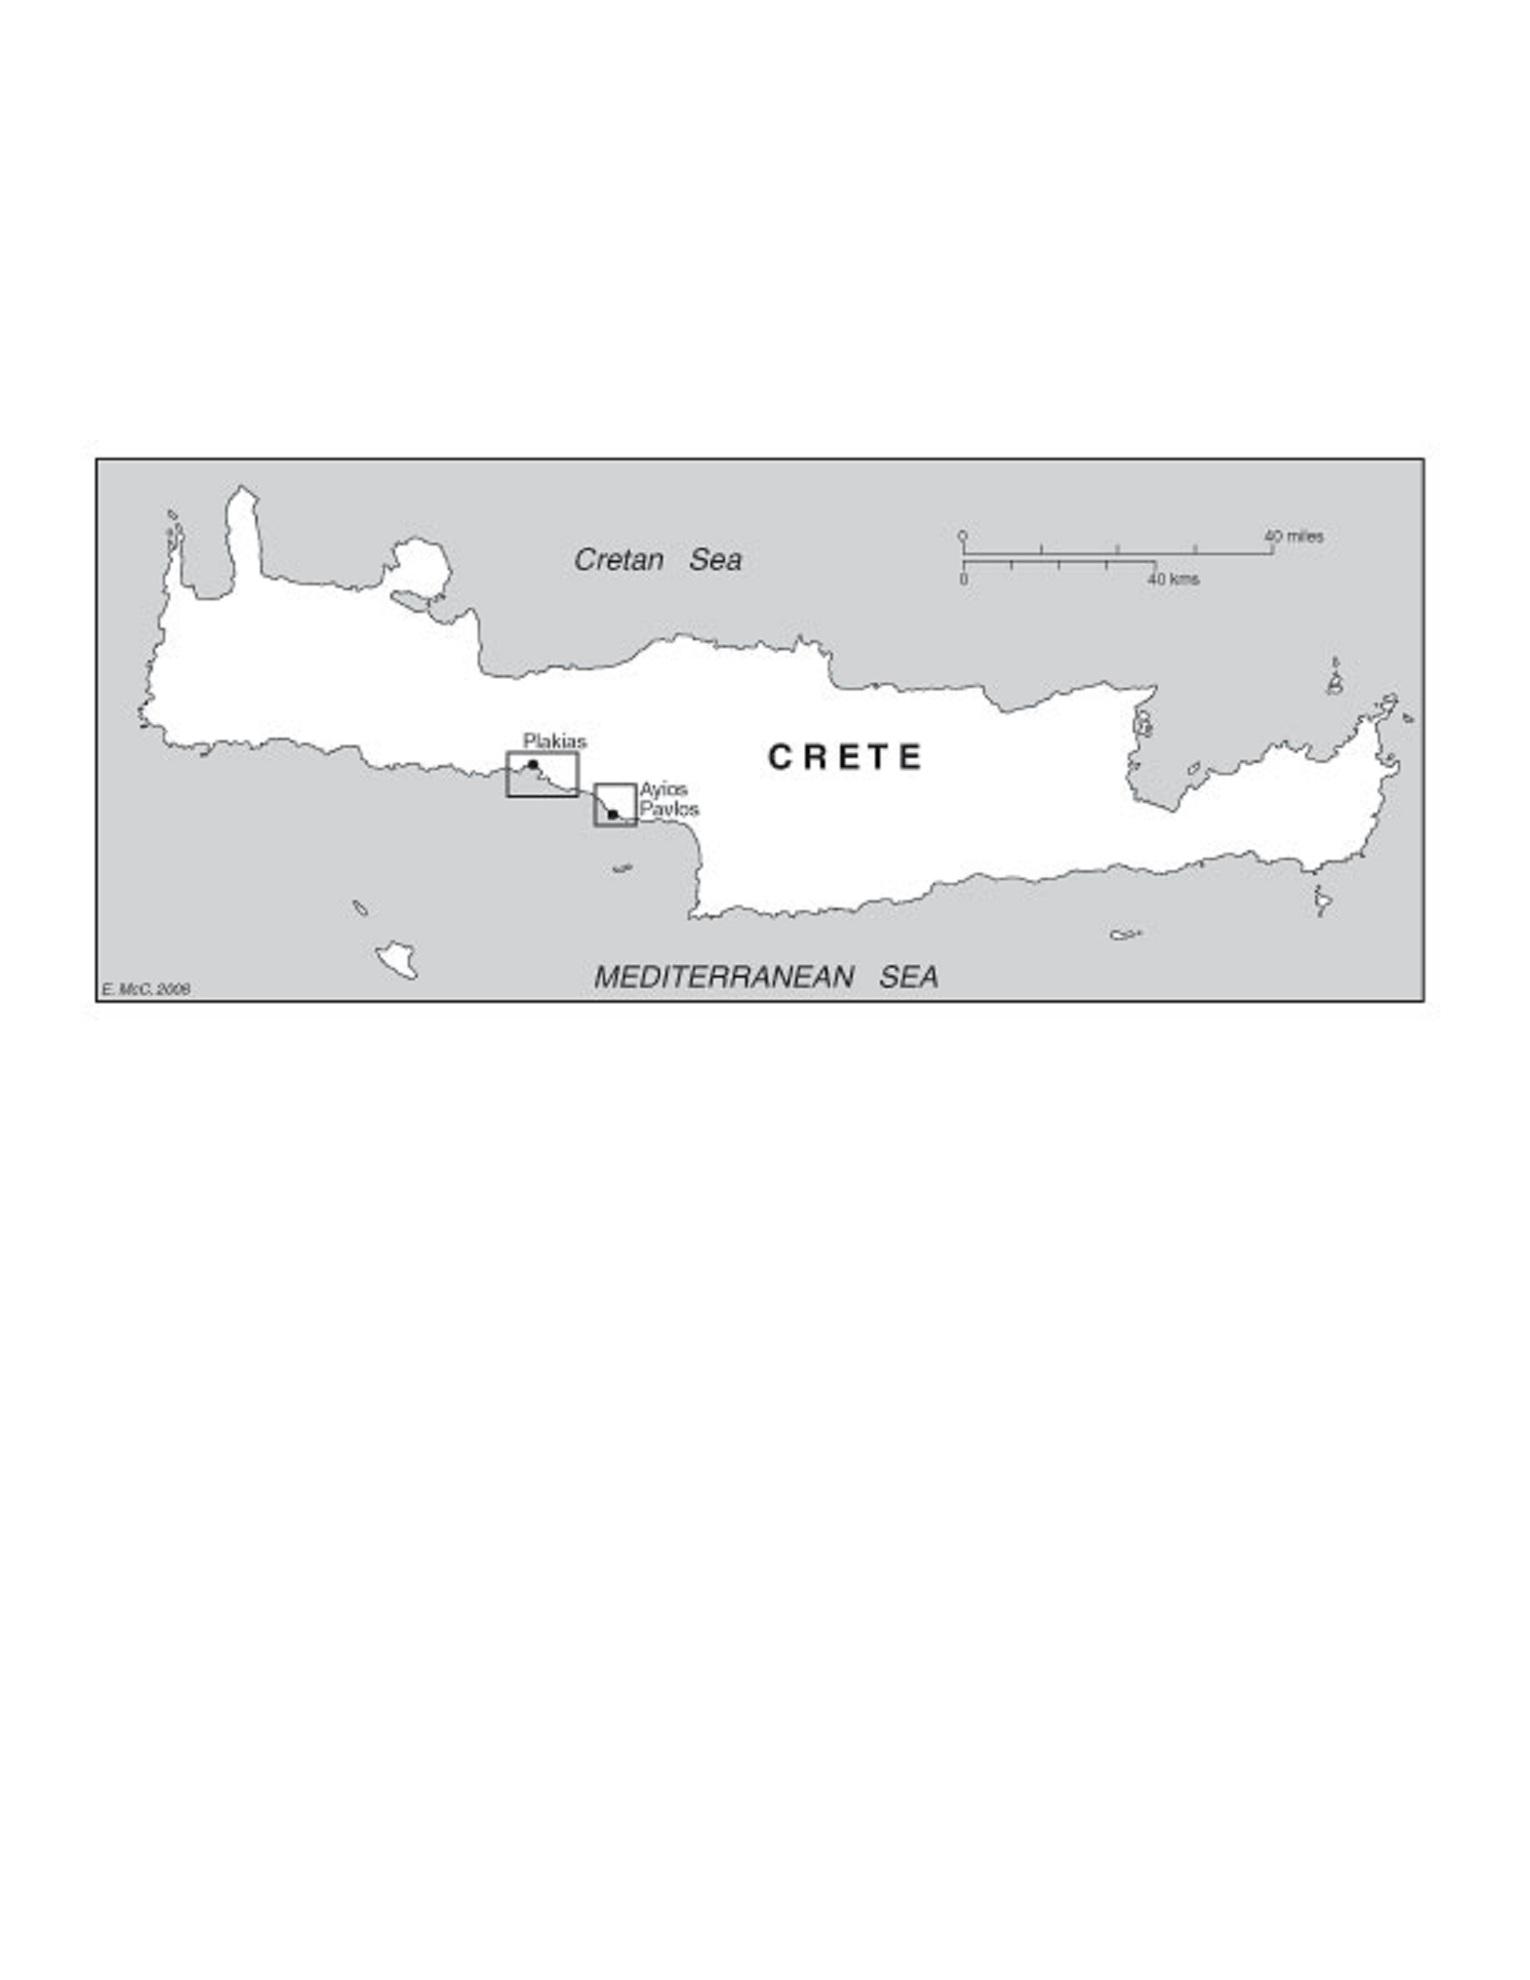 Ἐπίσημος παραδοχή τοῦ ὑπουργείου γιά τήν ὑπάρξιν ναυσιπλοΐας πρό τοὐλάχιστον 130.000 χρόνια;1